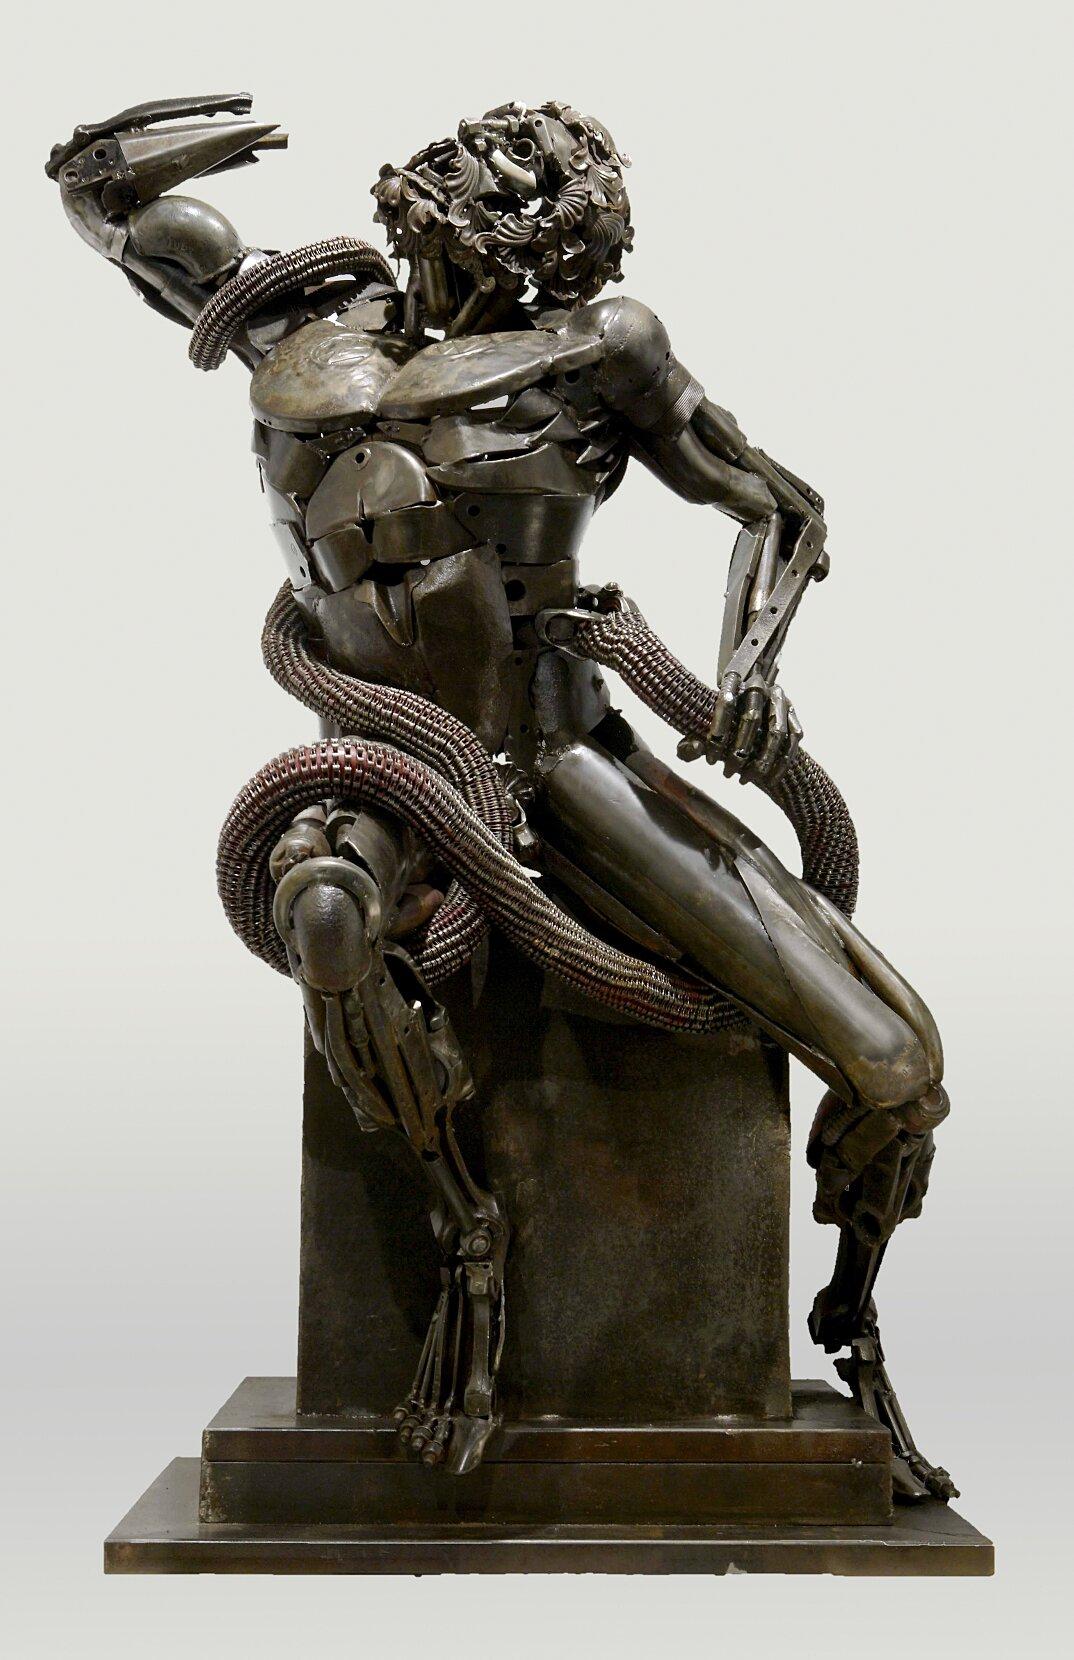 sculture-metallo-riciclato-patrick-alo-04